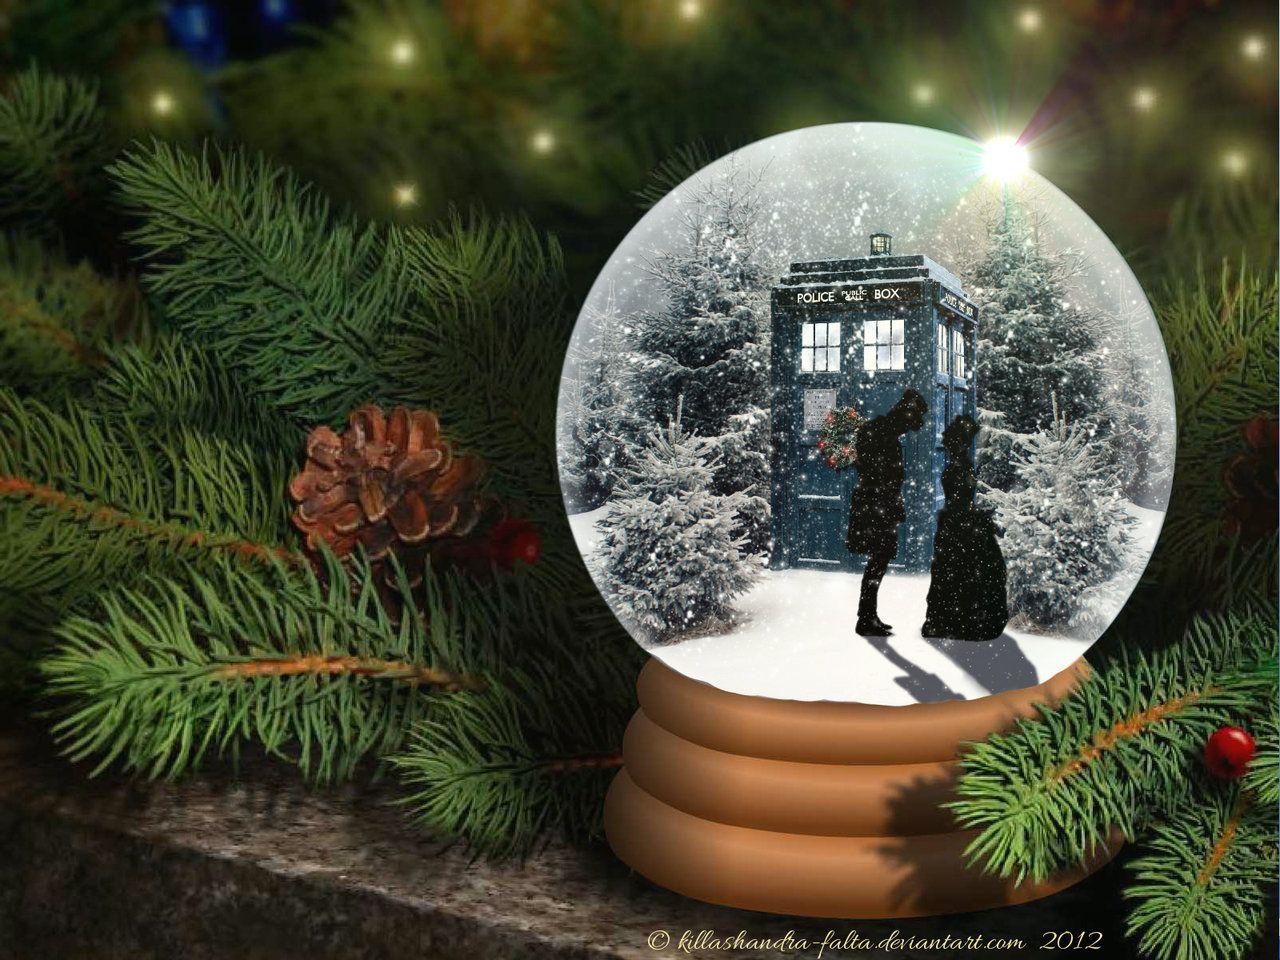 doctor who snow globe 2012 by killashandra falta deviantart com on